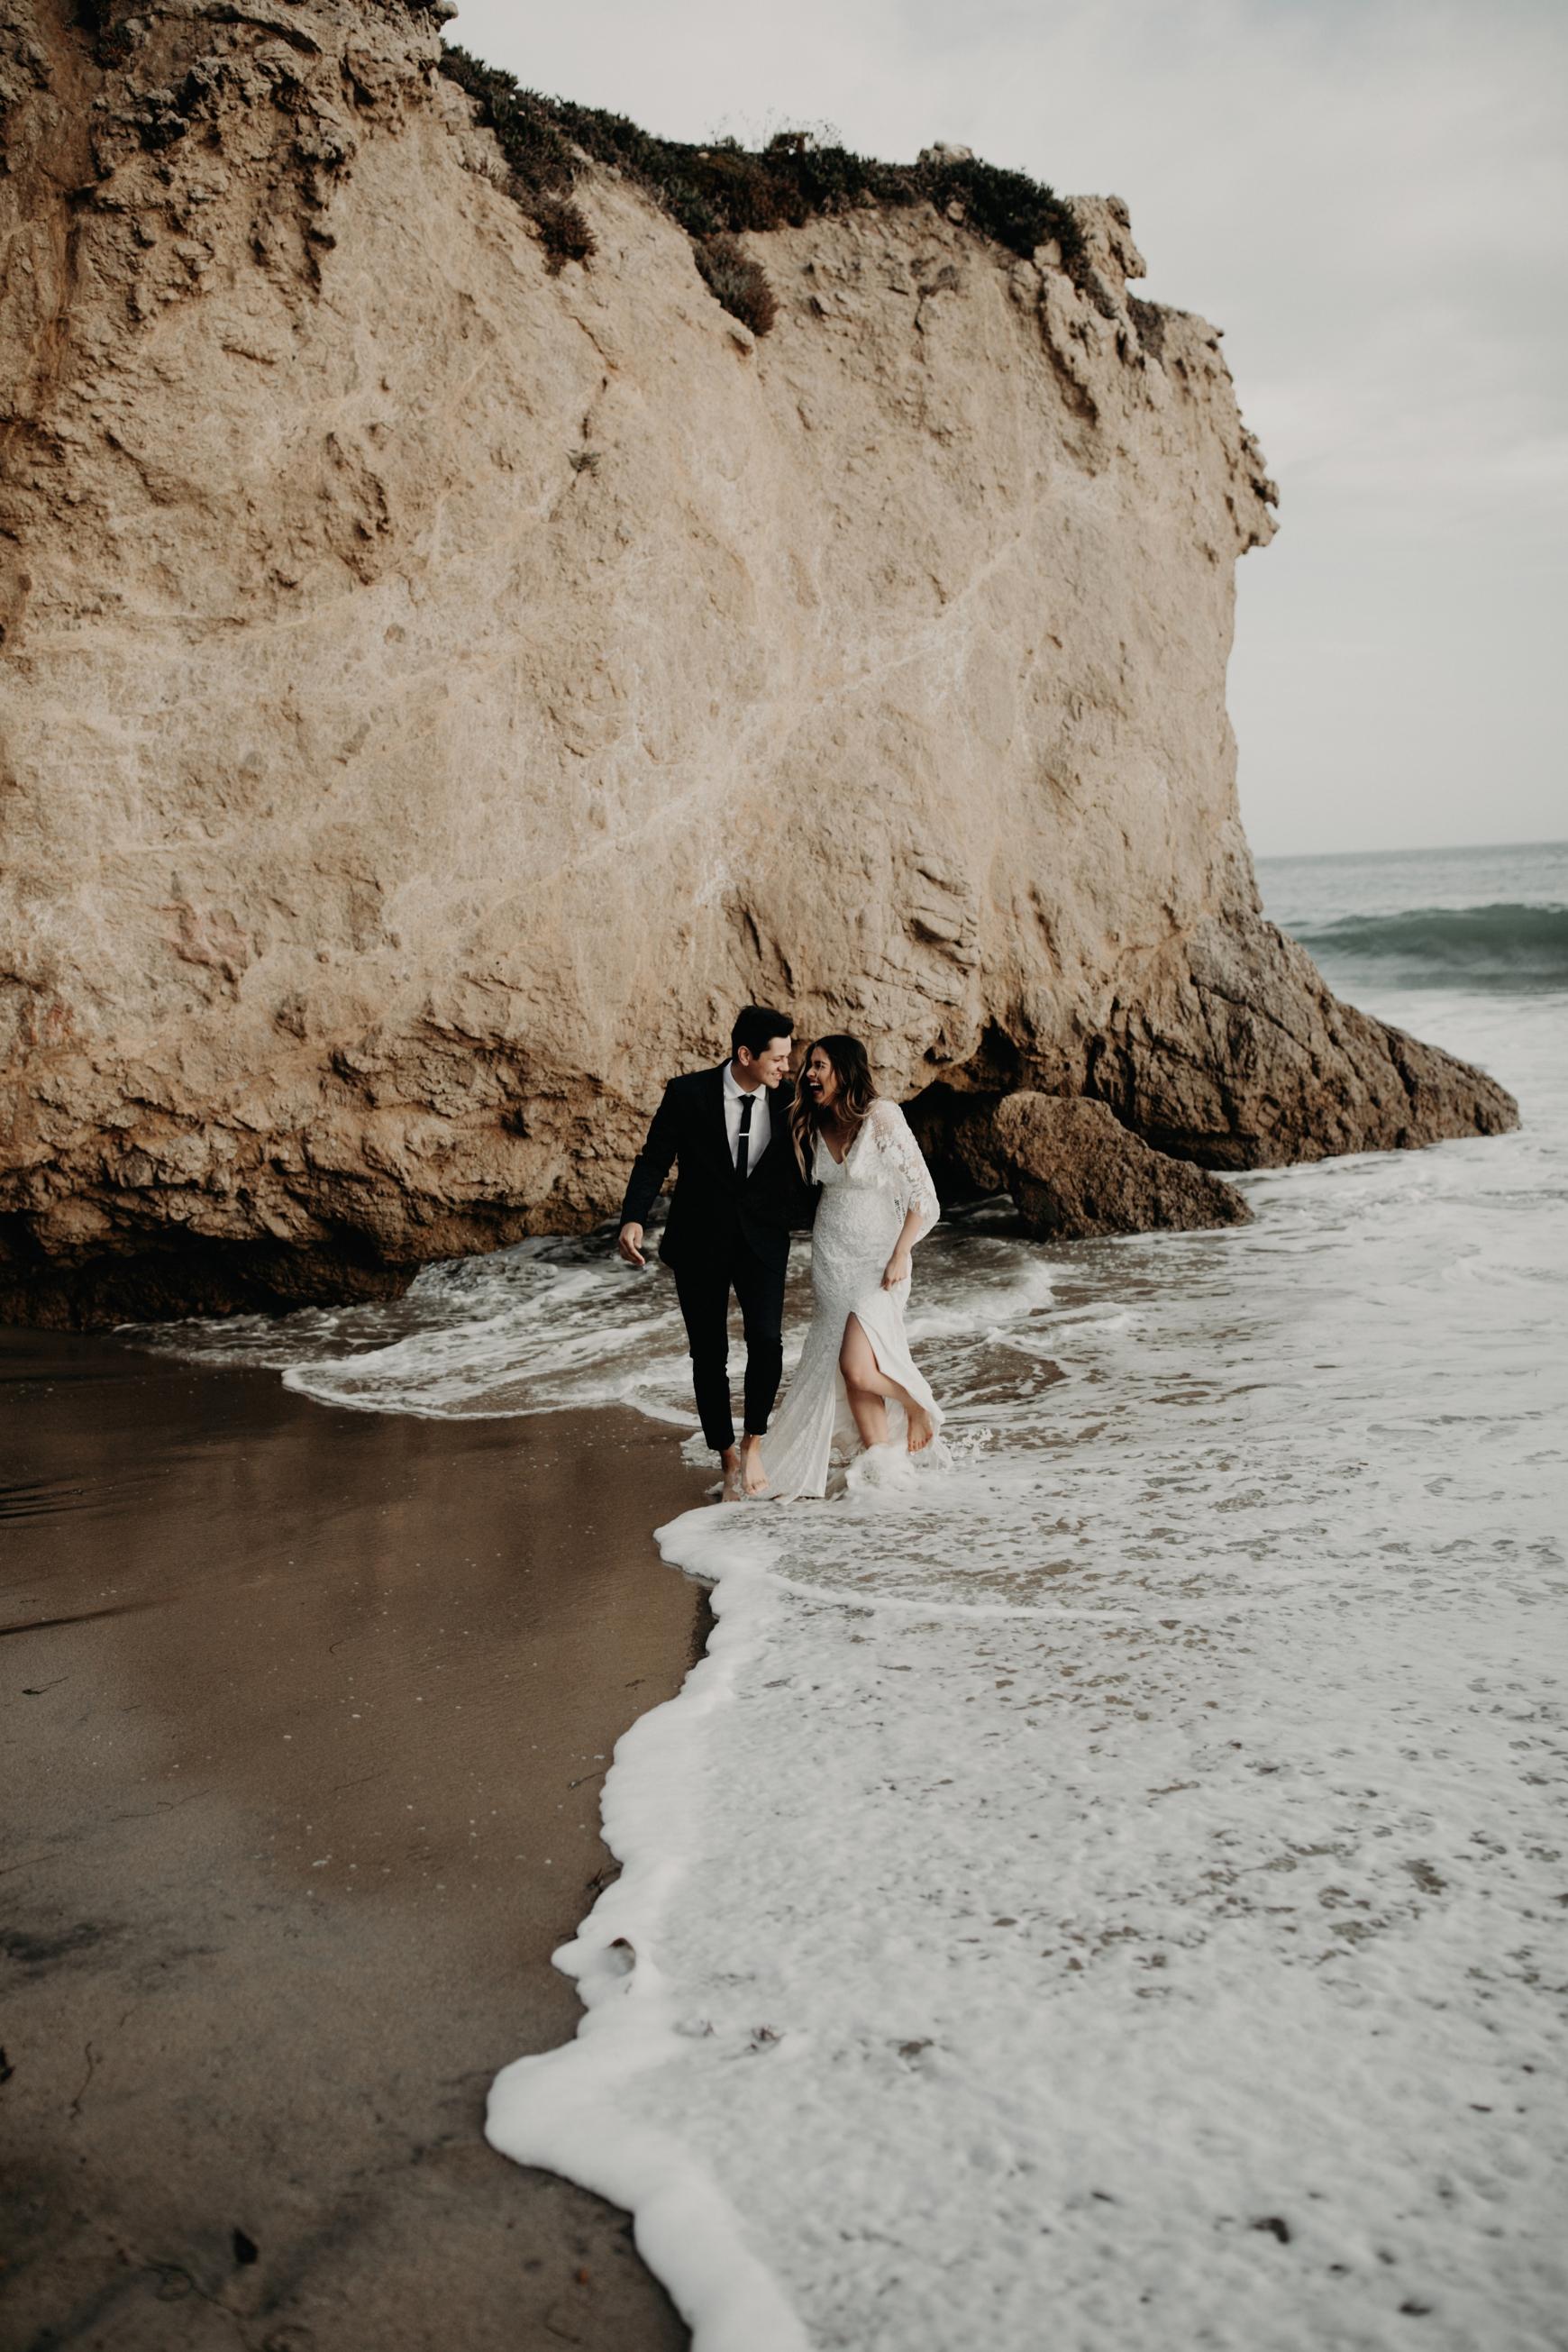 El Matador Beach Bridal Portraits Justellen & TJ Emily Magers Photography-224Emily Magers Photography.jpg